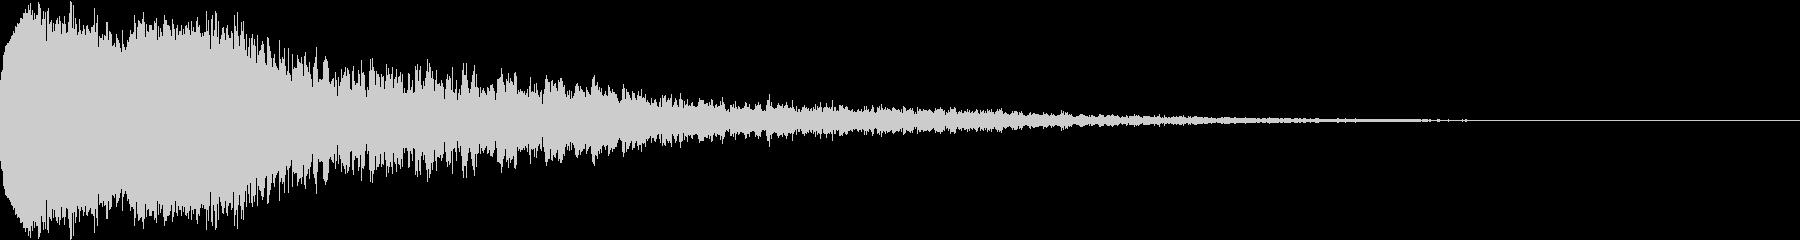 ピコン ピコ チャリン キュイン 4の未再生の波形